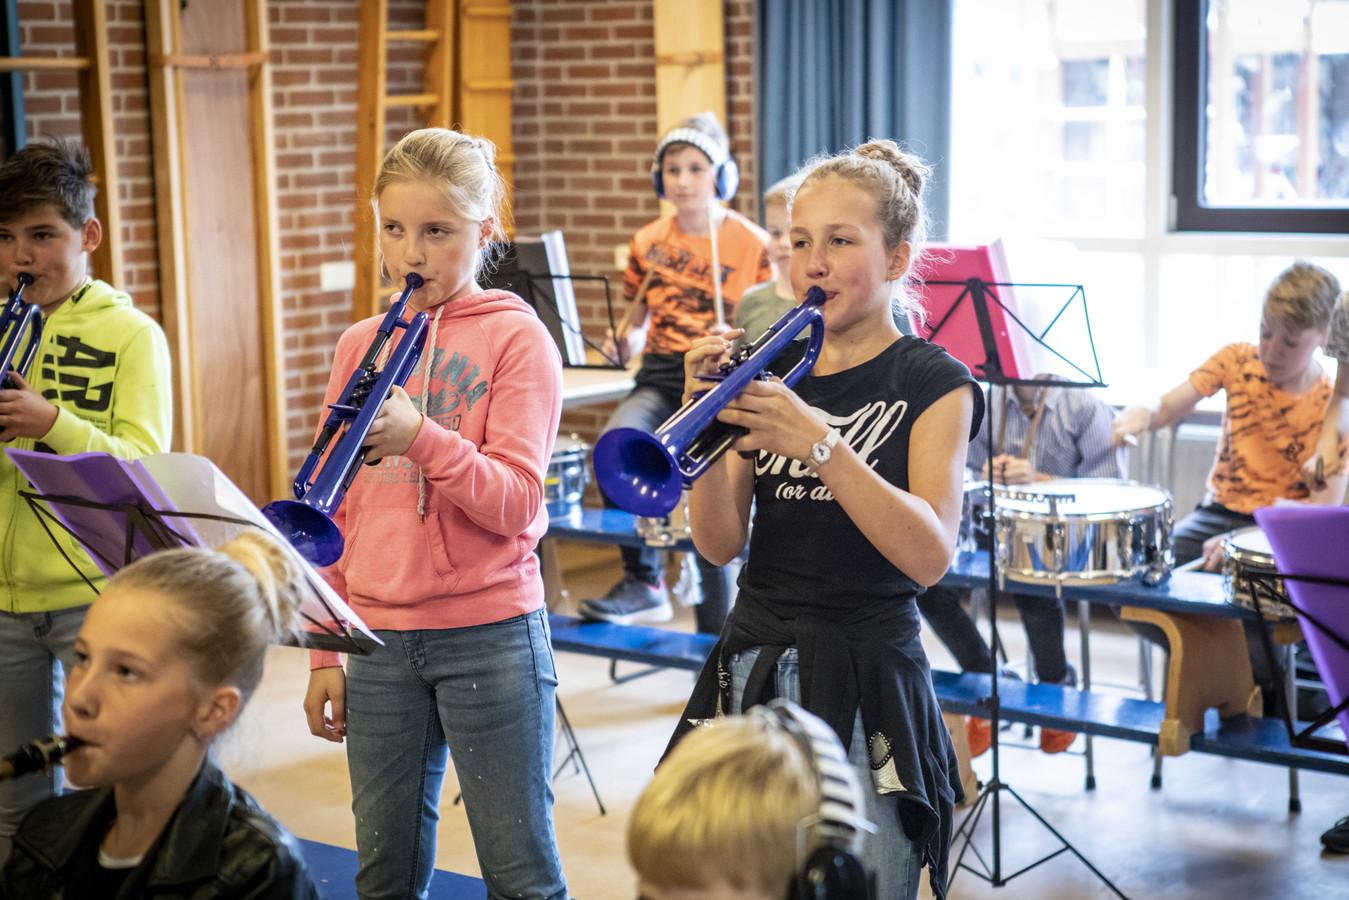 De leerlingen kiezen zelf een blaasinstrument of slagwerk.